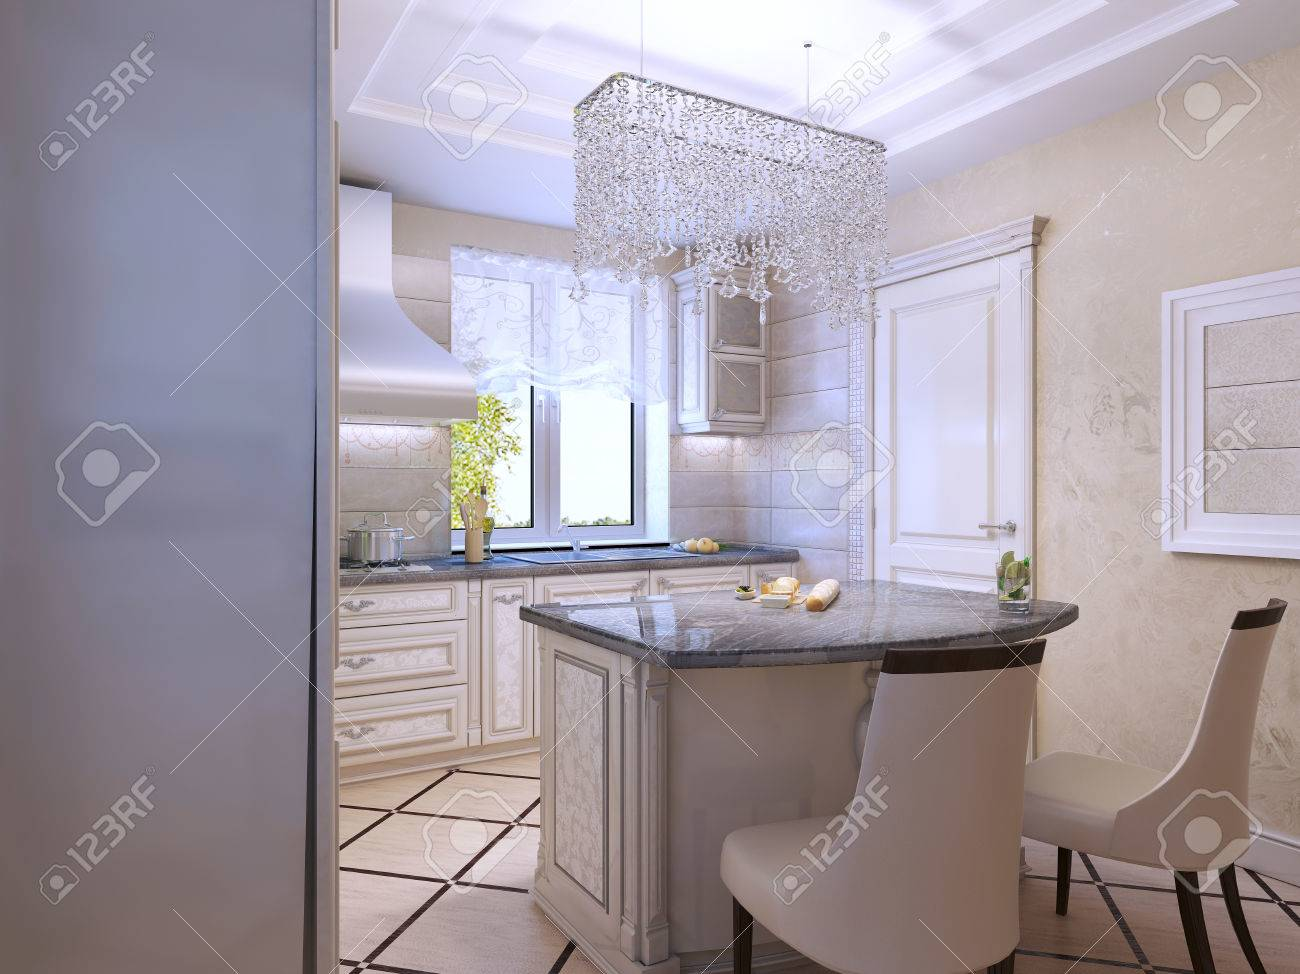 Diseño de interiores de una cocina moderna de lujo. Encimera brillante de  la barra. Procesamiento 3D